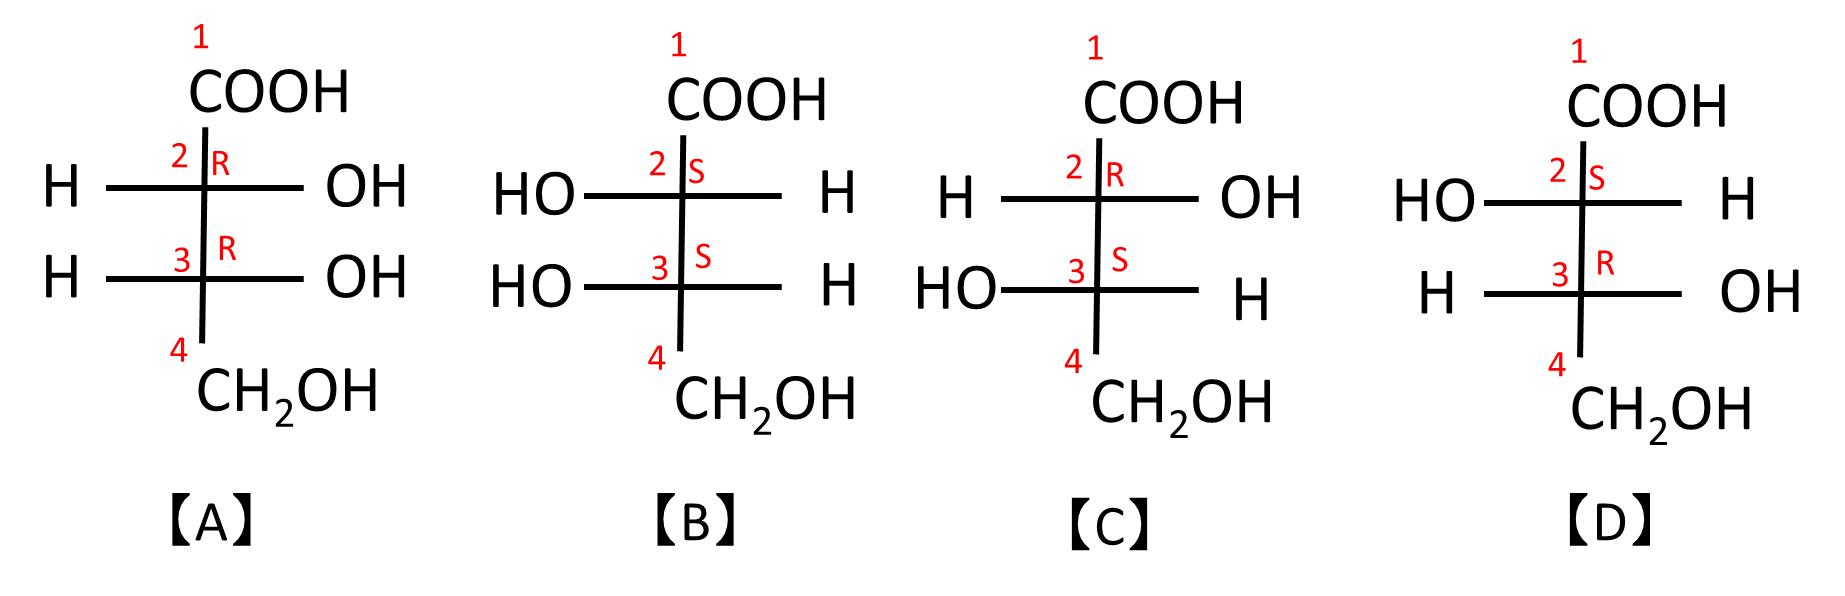 エナンチオマー 鏡像異性体(エナンチオマー)・キラルな分子